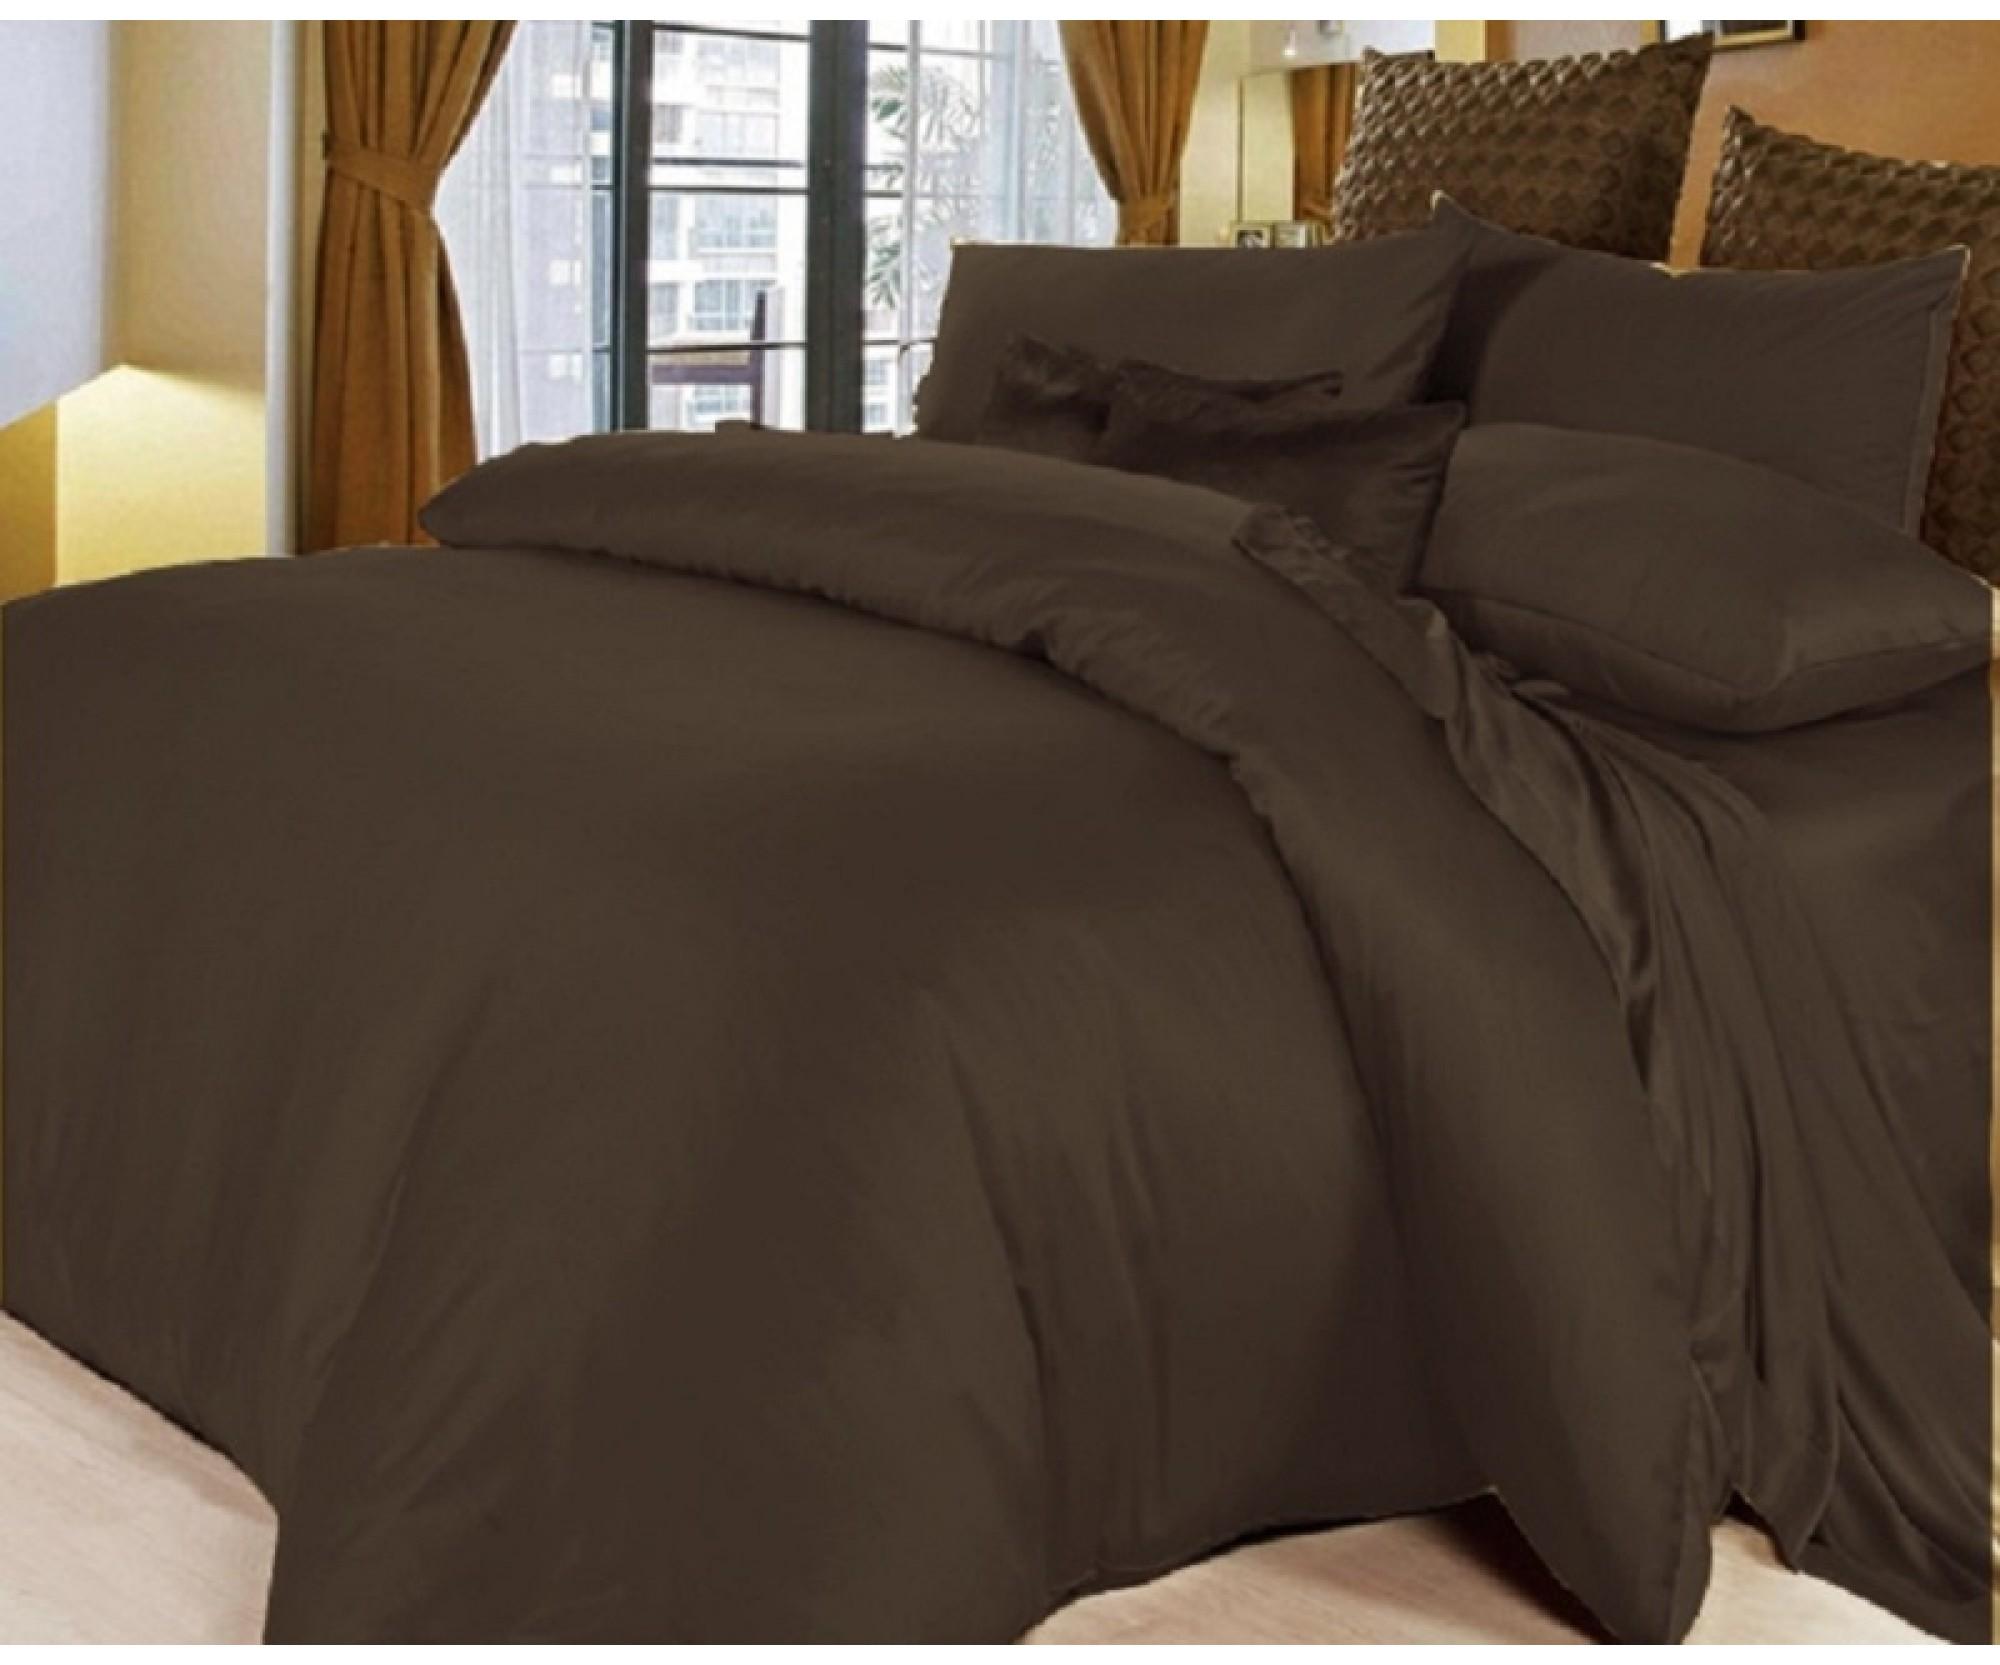 Постельные принадлежности «Горячий шоколад» для круглой кровати